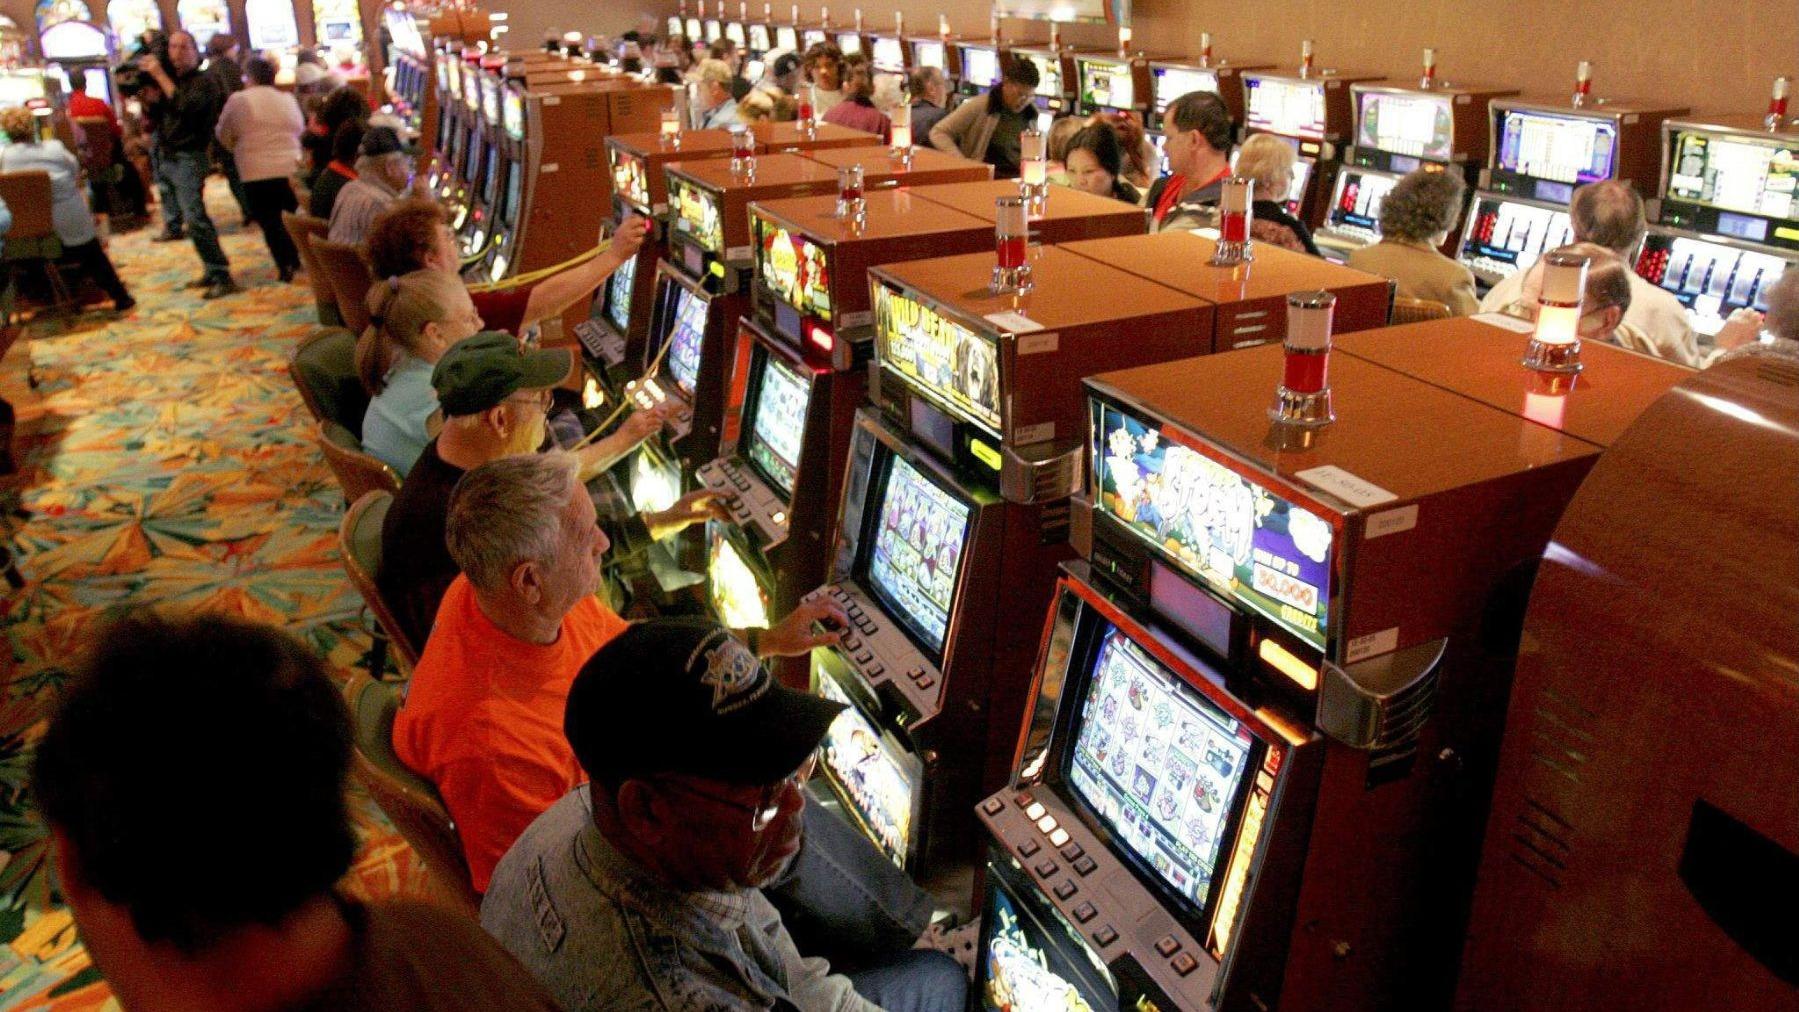 El Ministerio de Economía aseguró que el decreto legislativo que grava a los casinos y tragamonedas era constitucional y había sido consultado con los expertos.